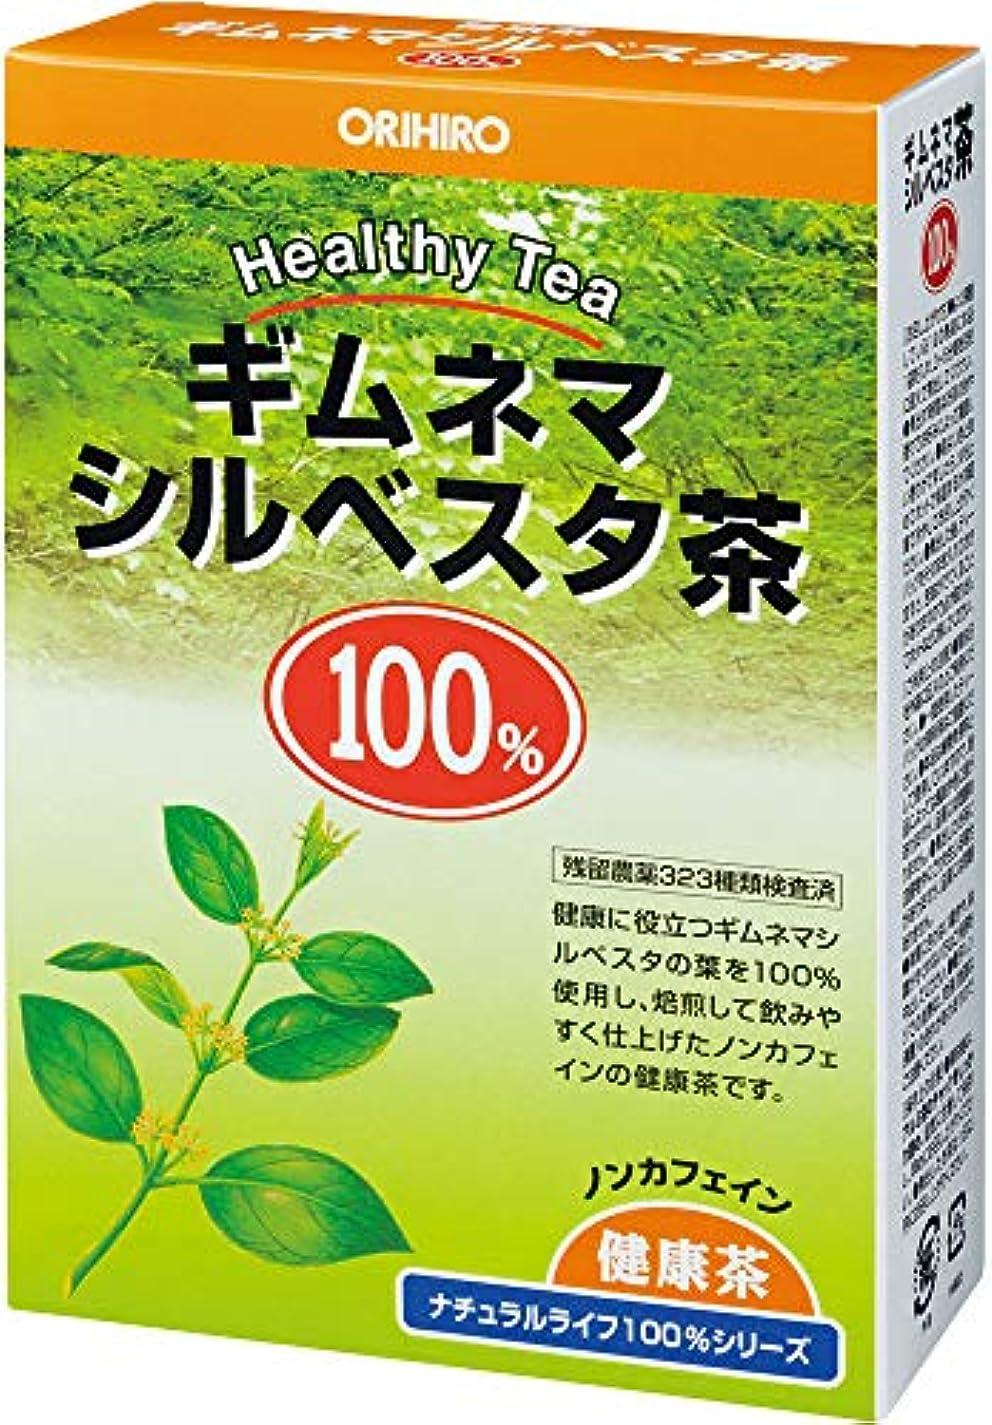 確認悪名高い銀行オリヒロ NLティー 100% ギムネマシルベスタ茶 2.5g×26包